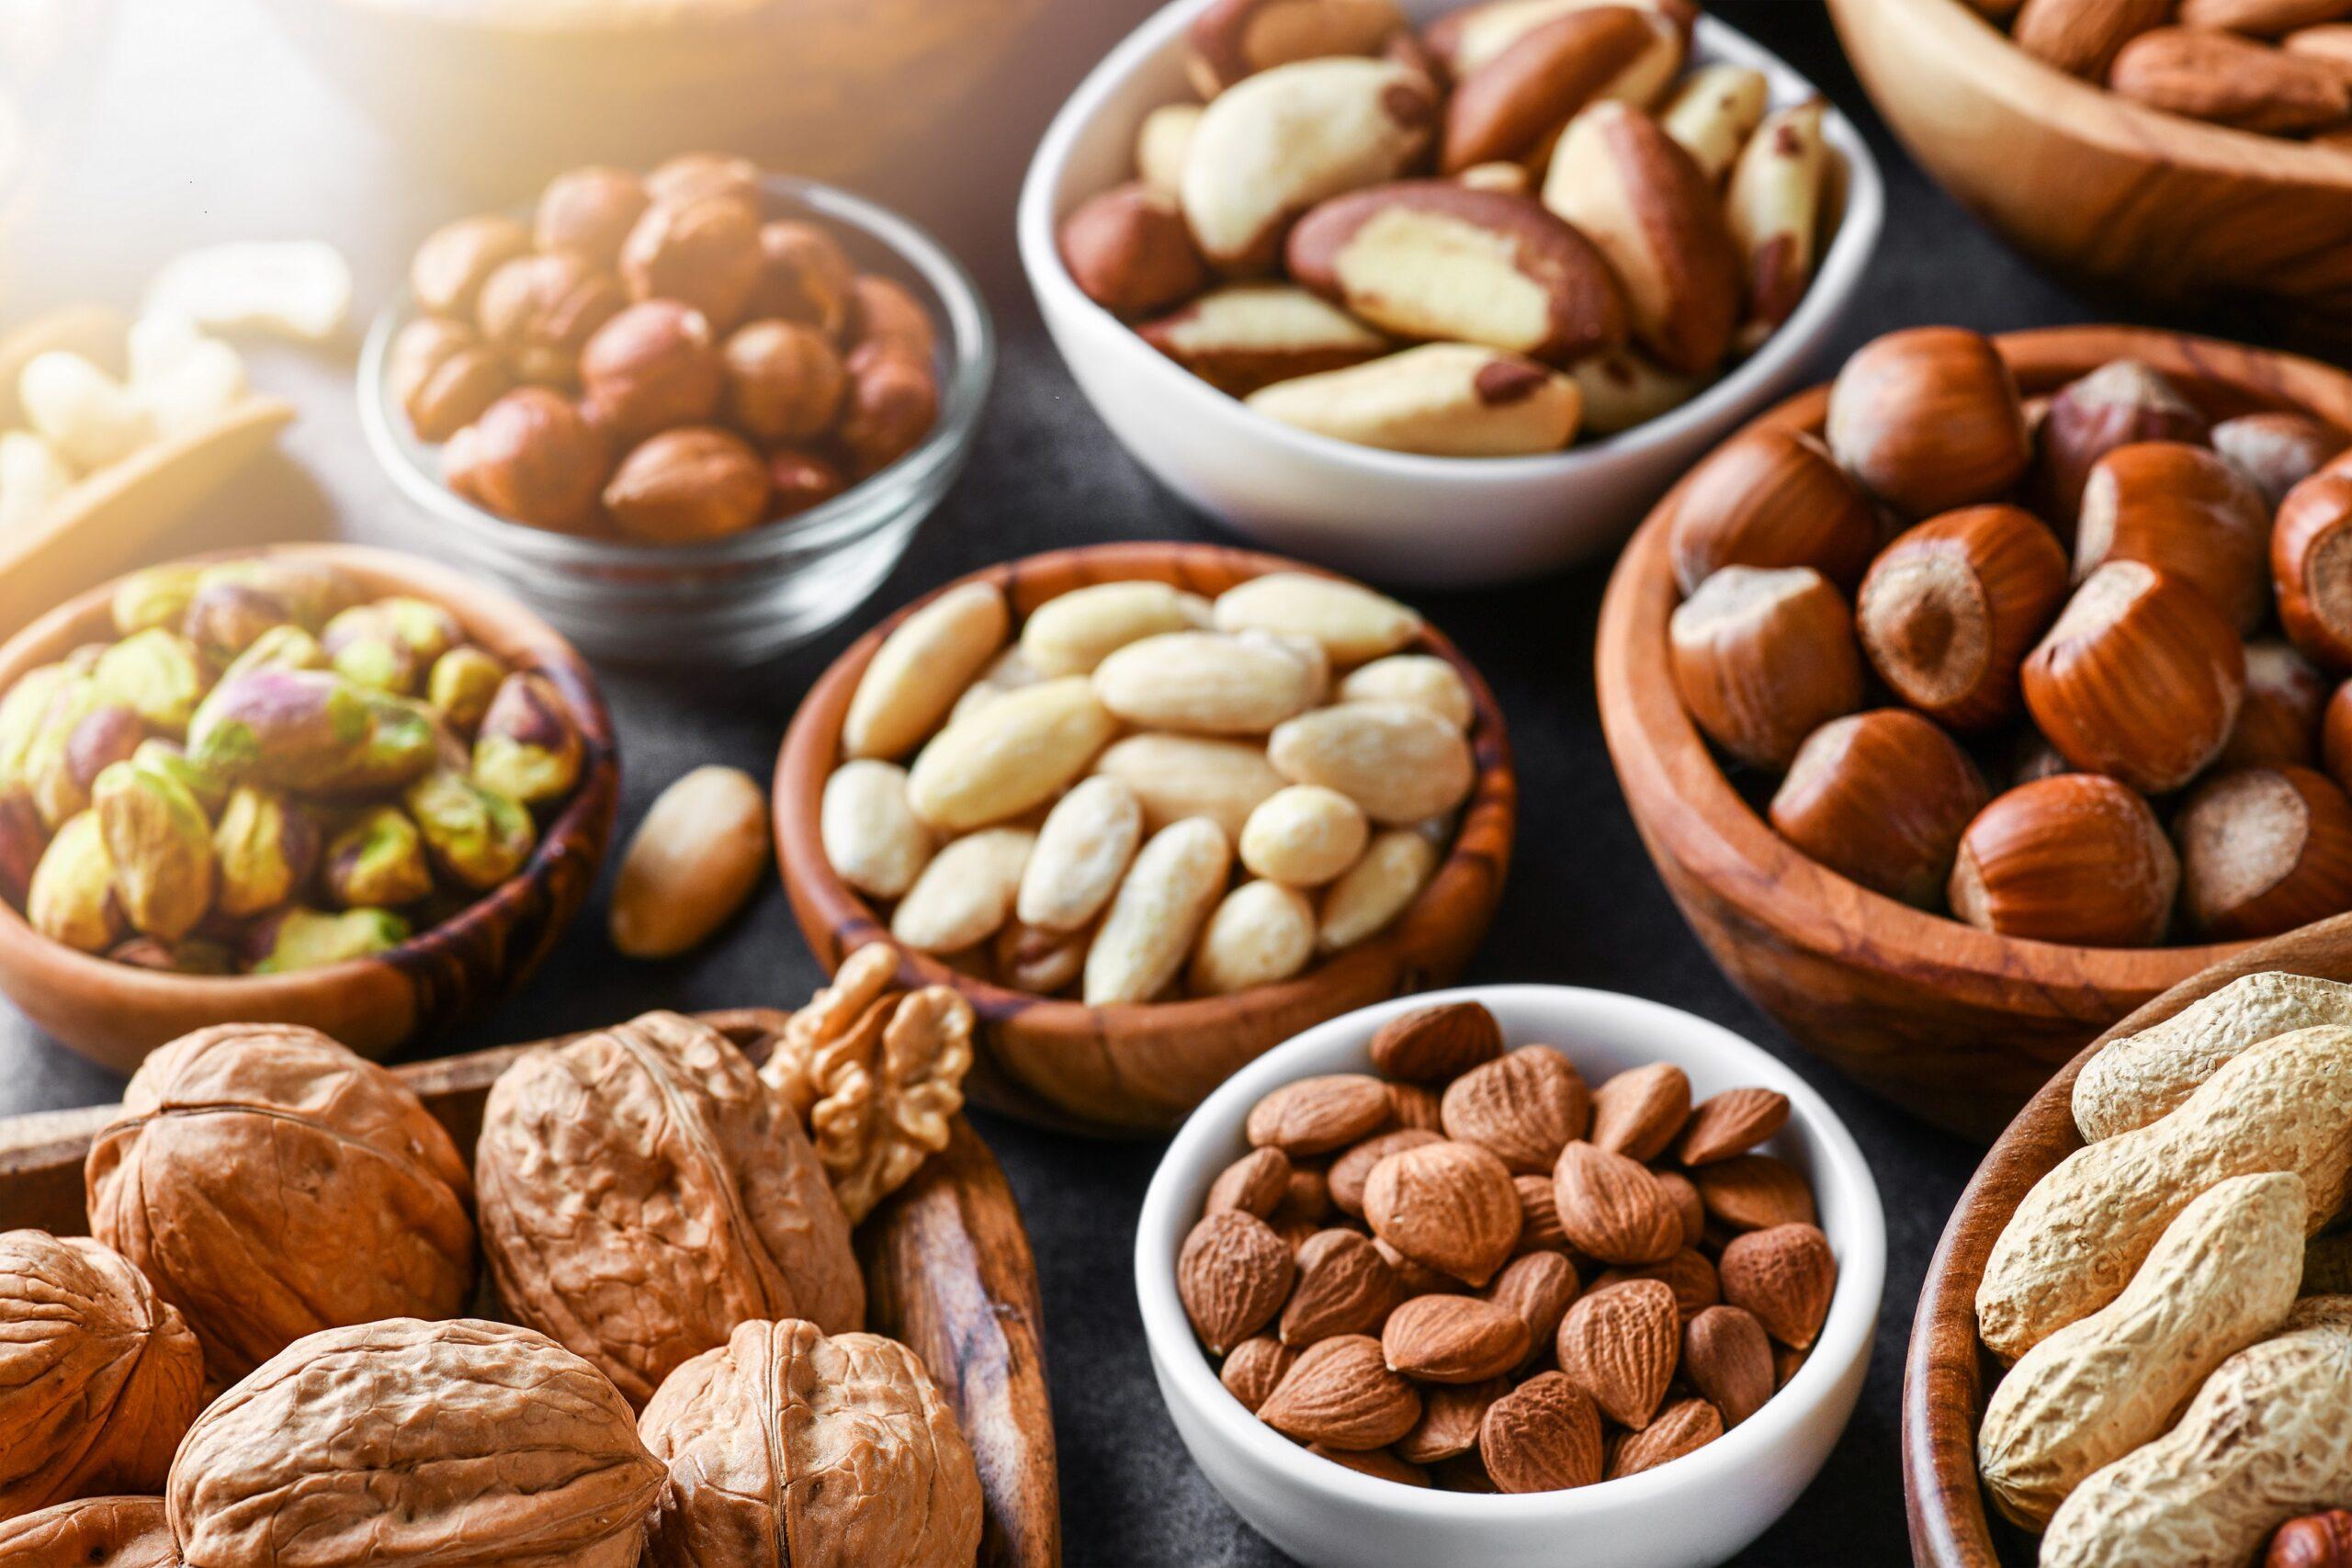 Ernährung: Sind Nüsse geröstet oder roh gesünder? - Heilpraxisnet.de